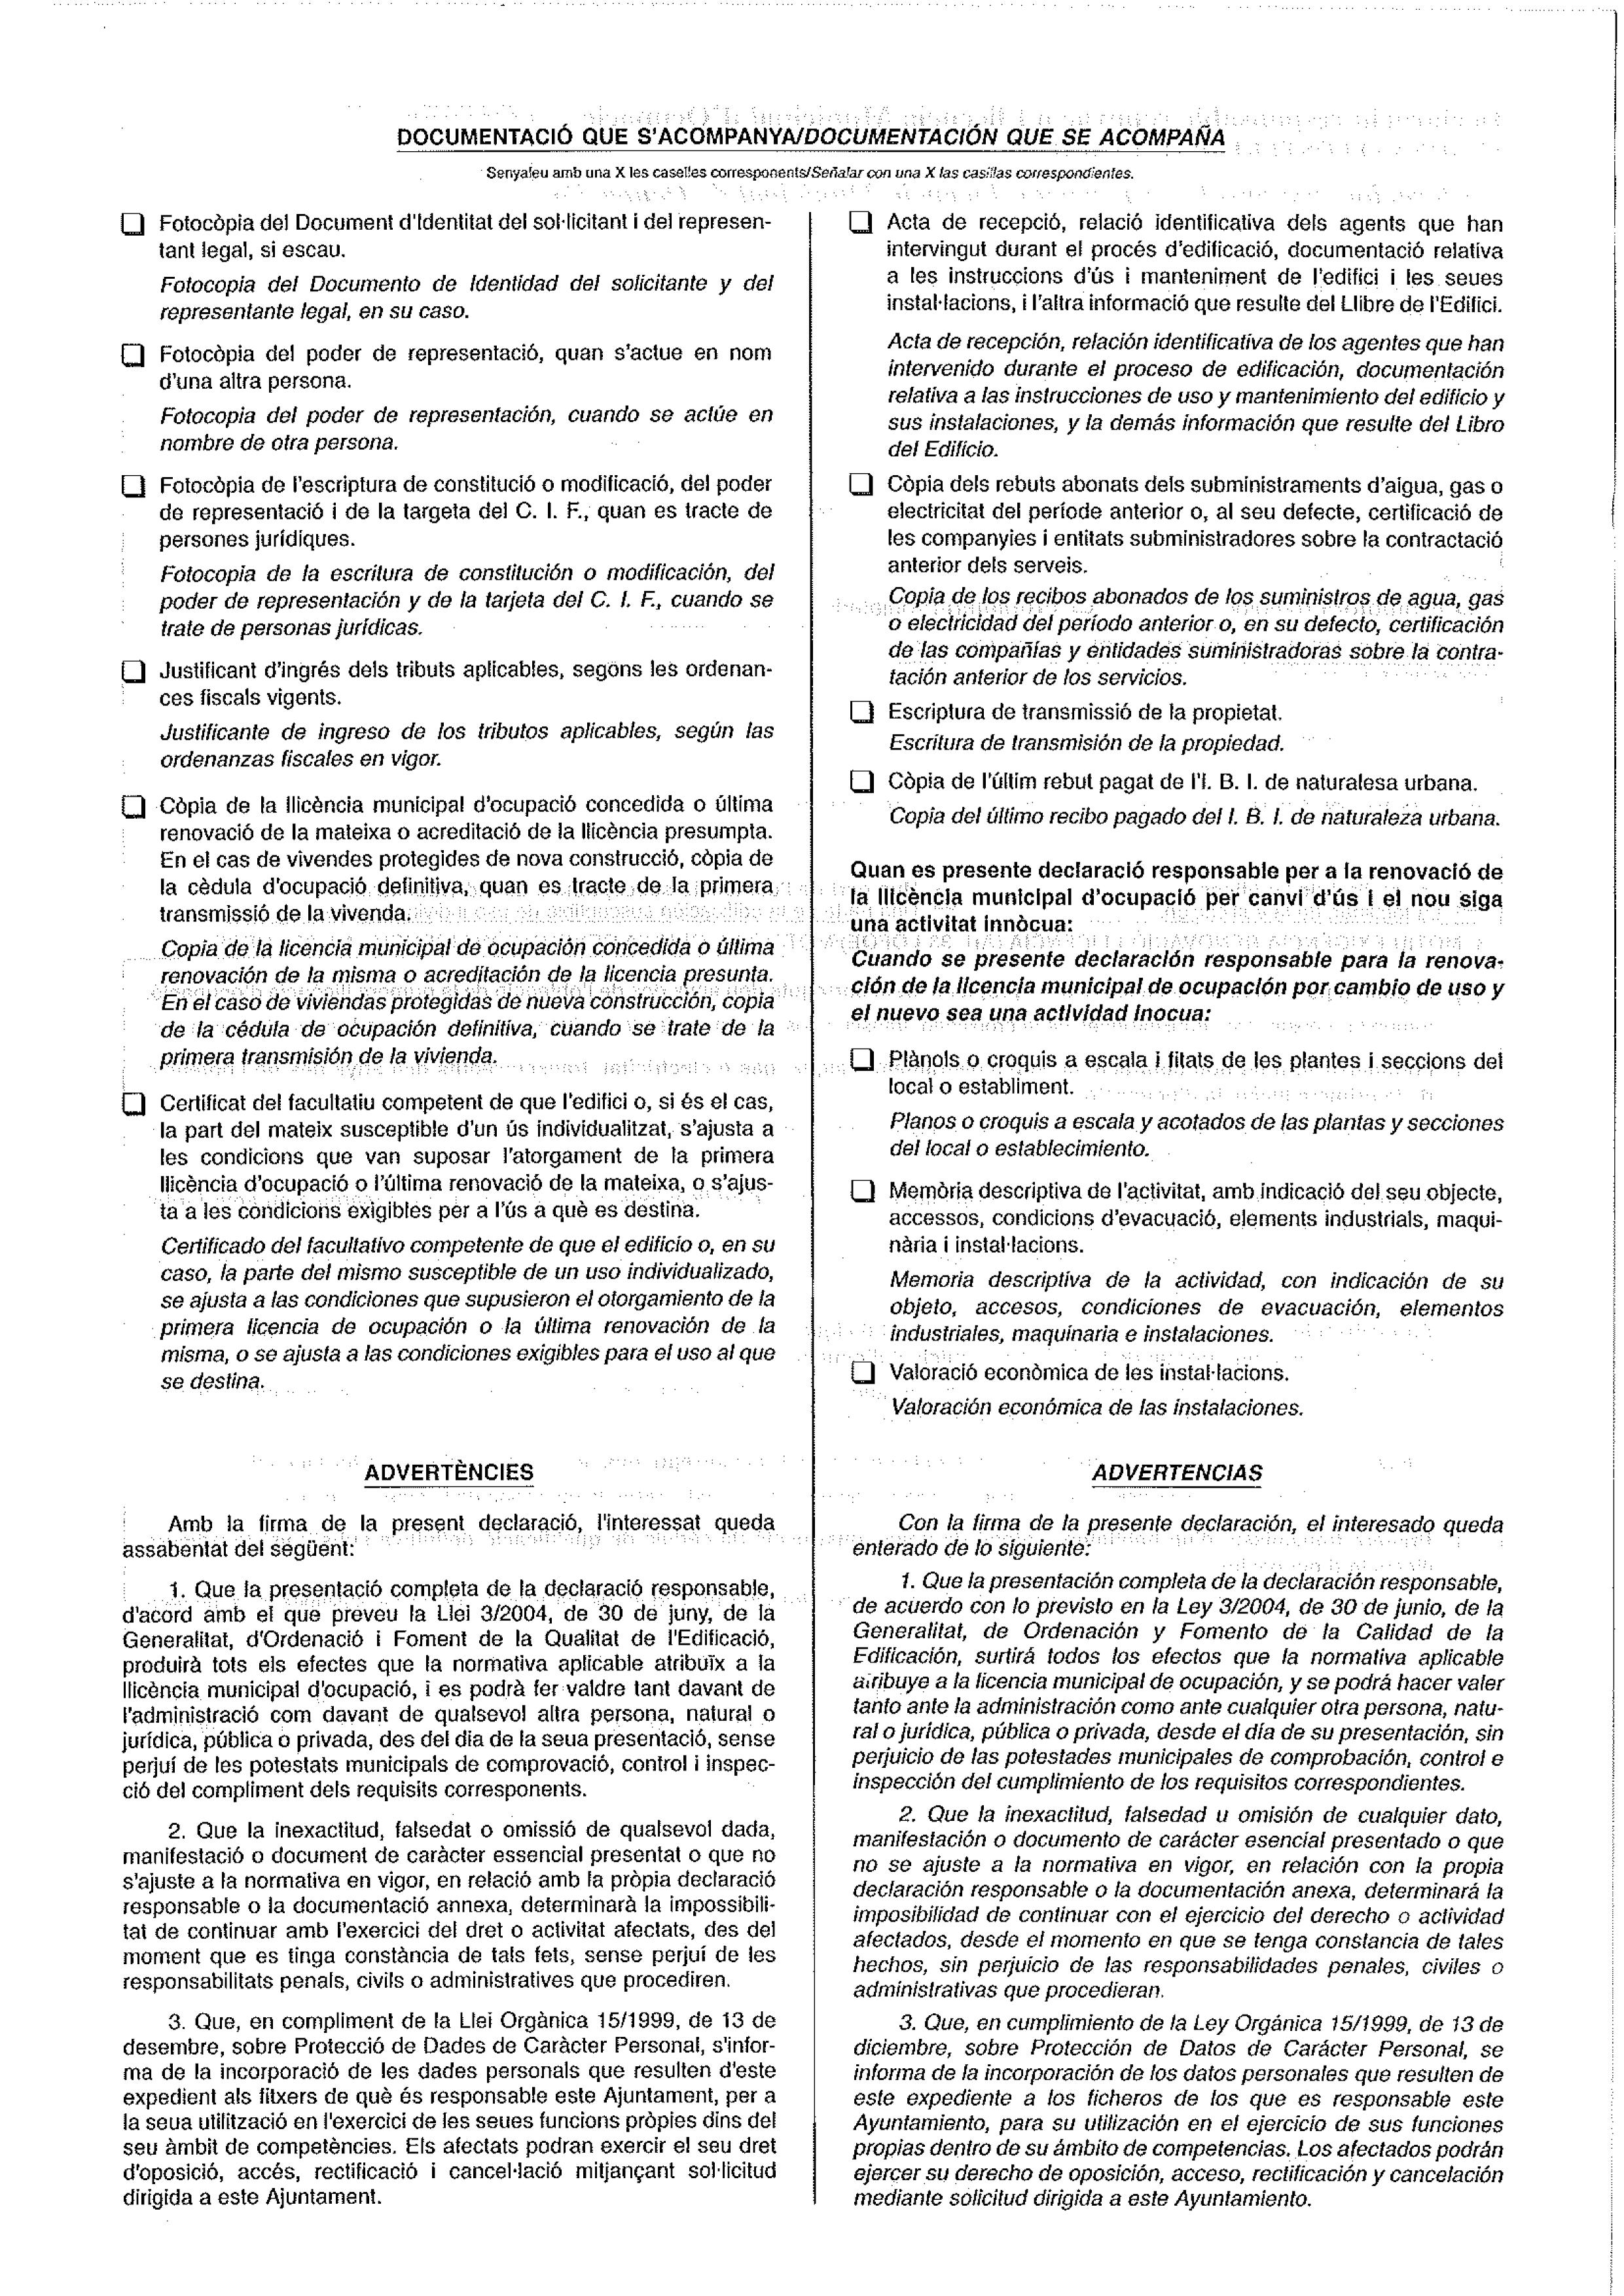 Impreso Declaración Responsable Segunda Ocupación - Alcalalí -2